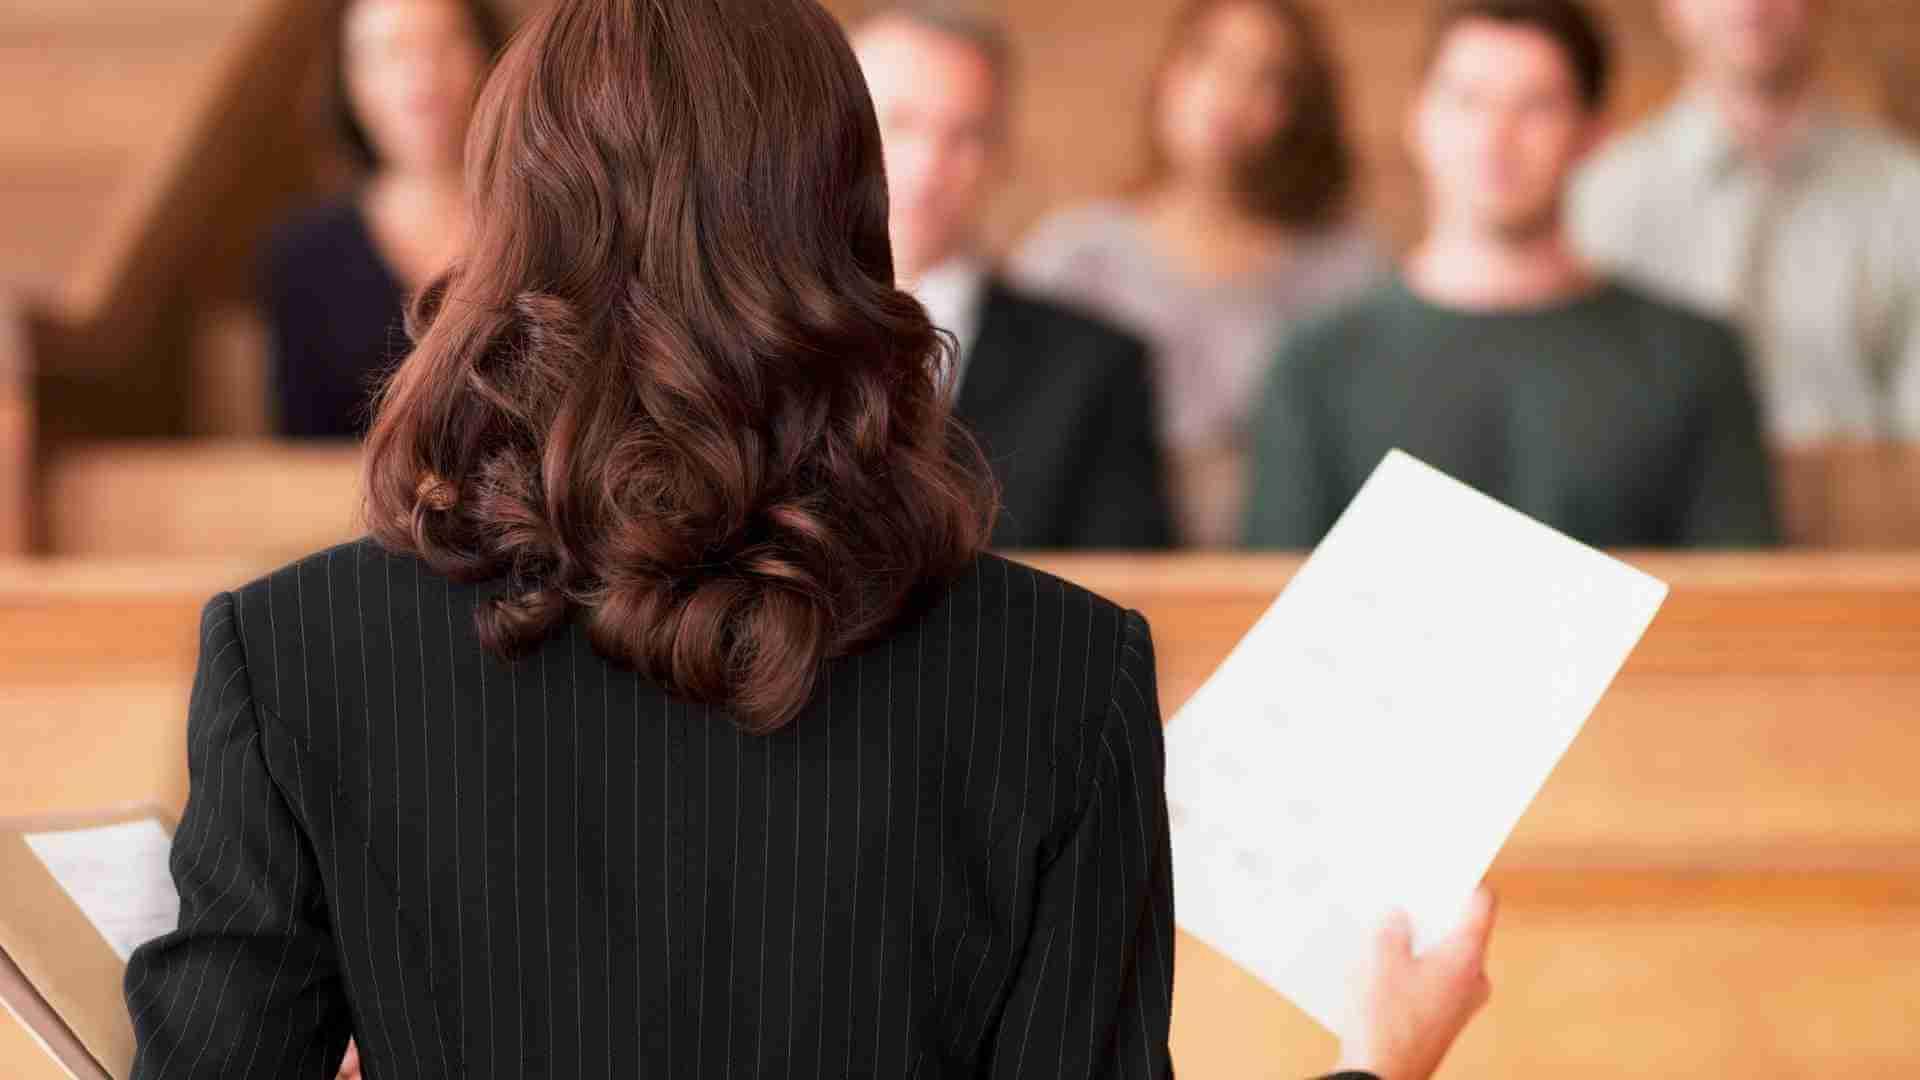 Le sei abilità per essere un Avvocato di successo